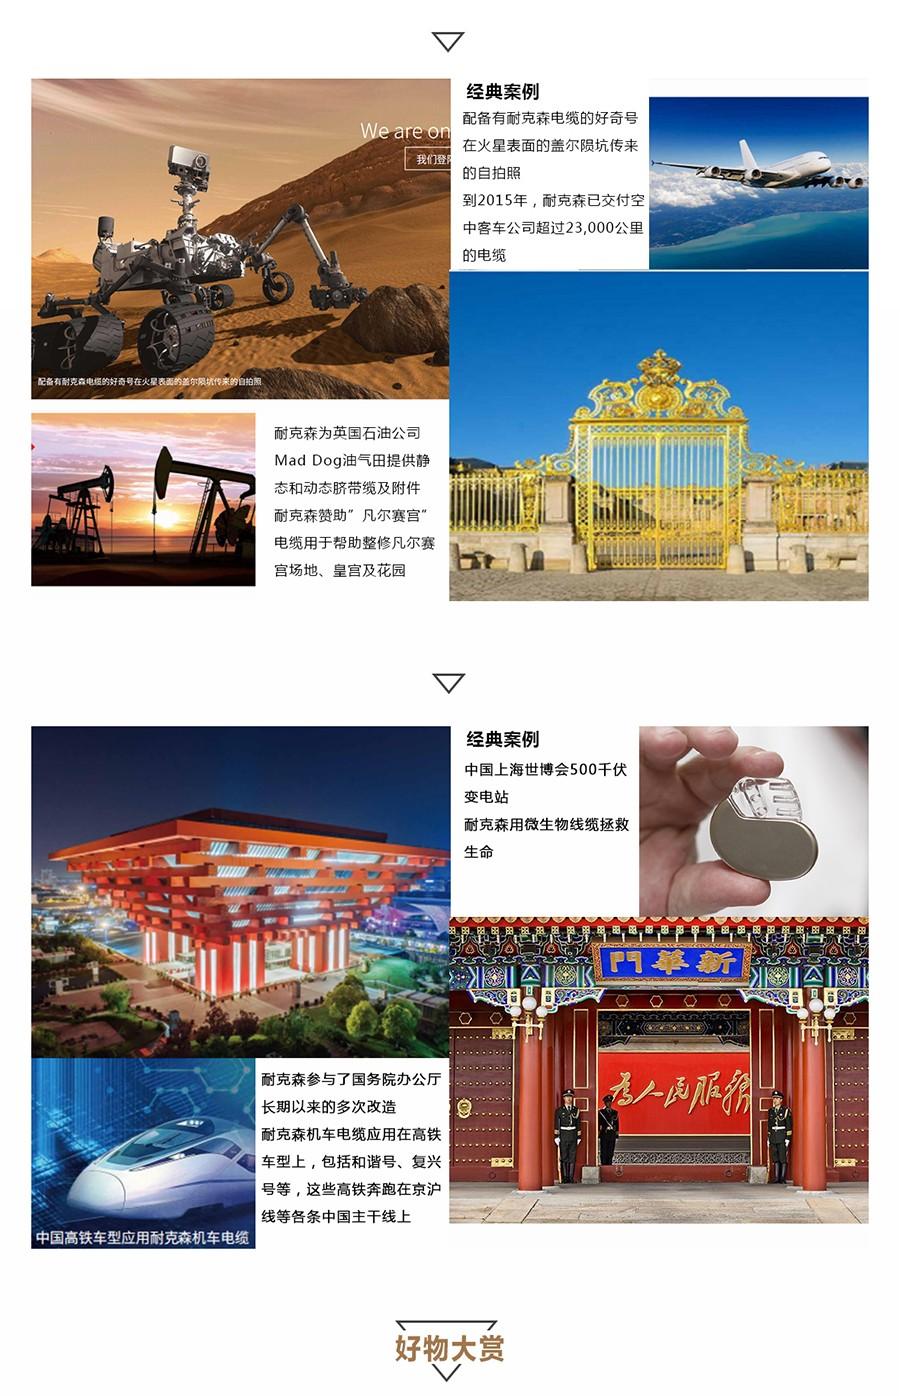 3耐克森好物推荐.jpg